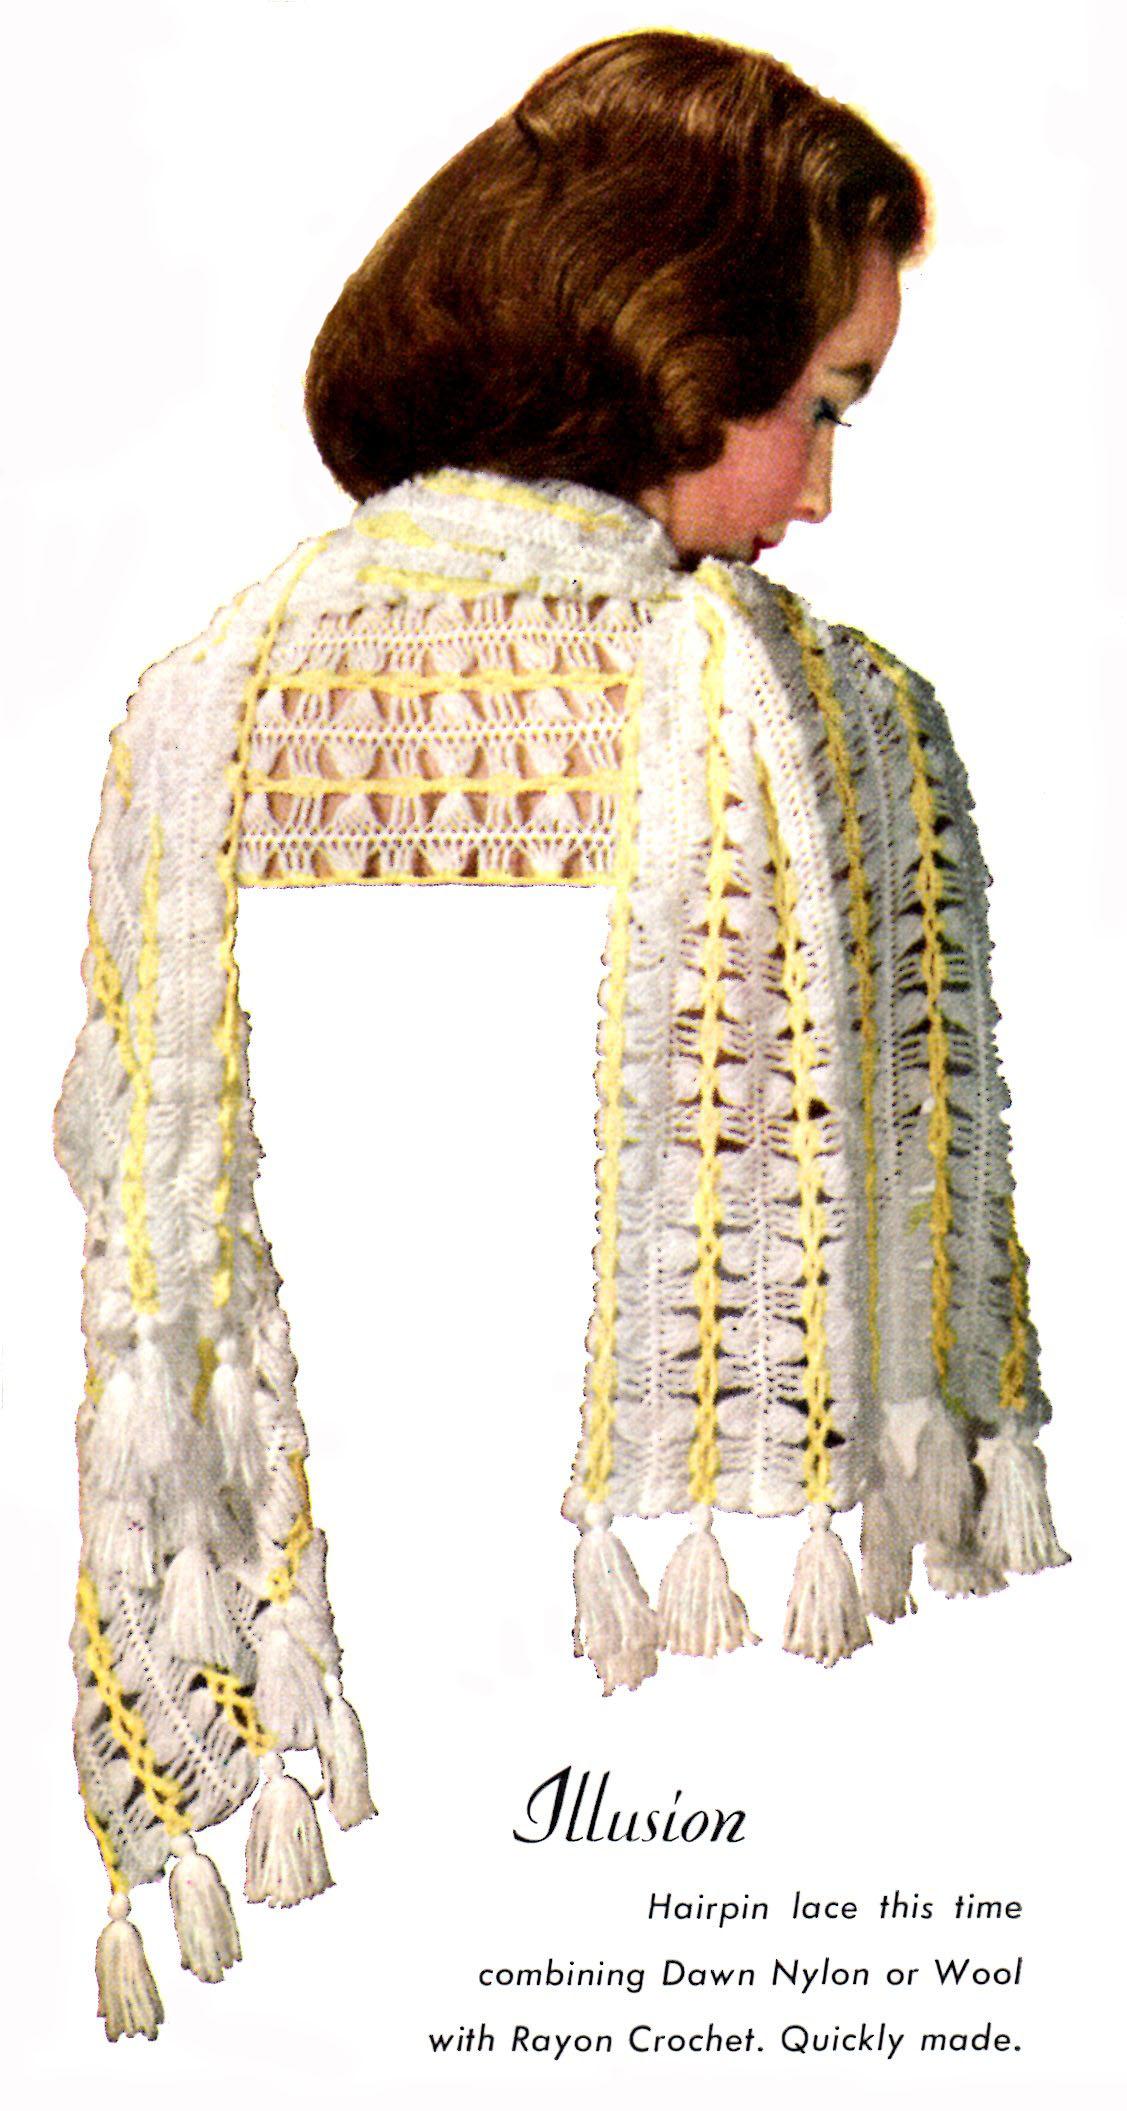 Hairpin lace crochet pattern illusion shawl vintage crafts and more hairpin lace shawl pattern vintage crafts and more bankloansurffo Image collections